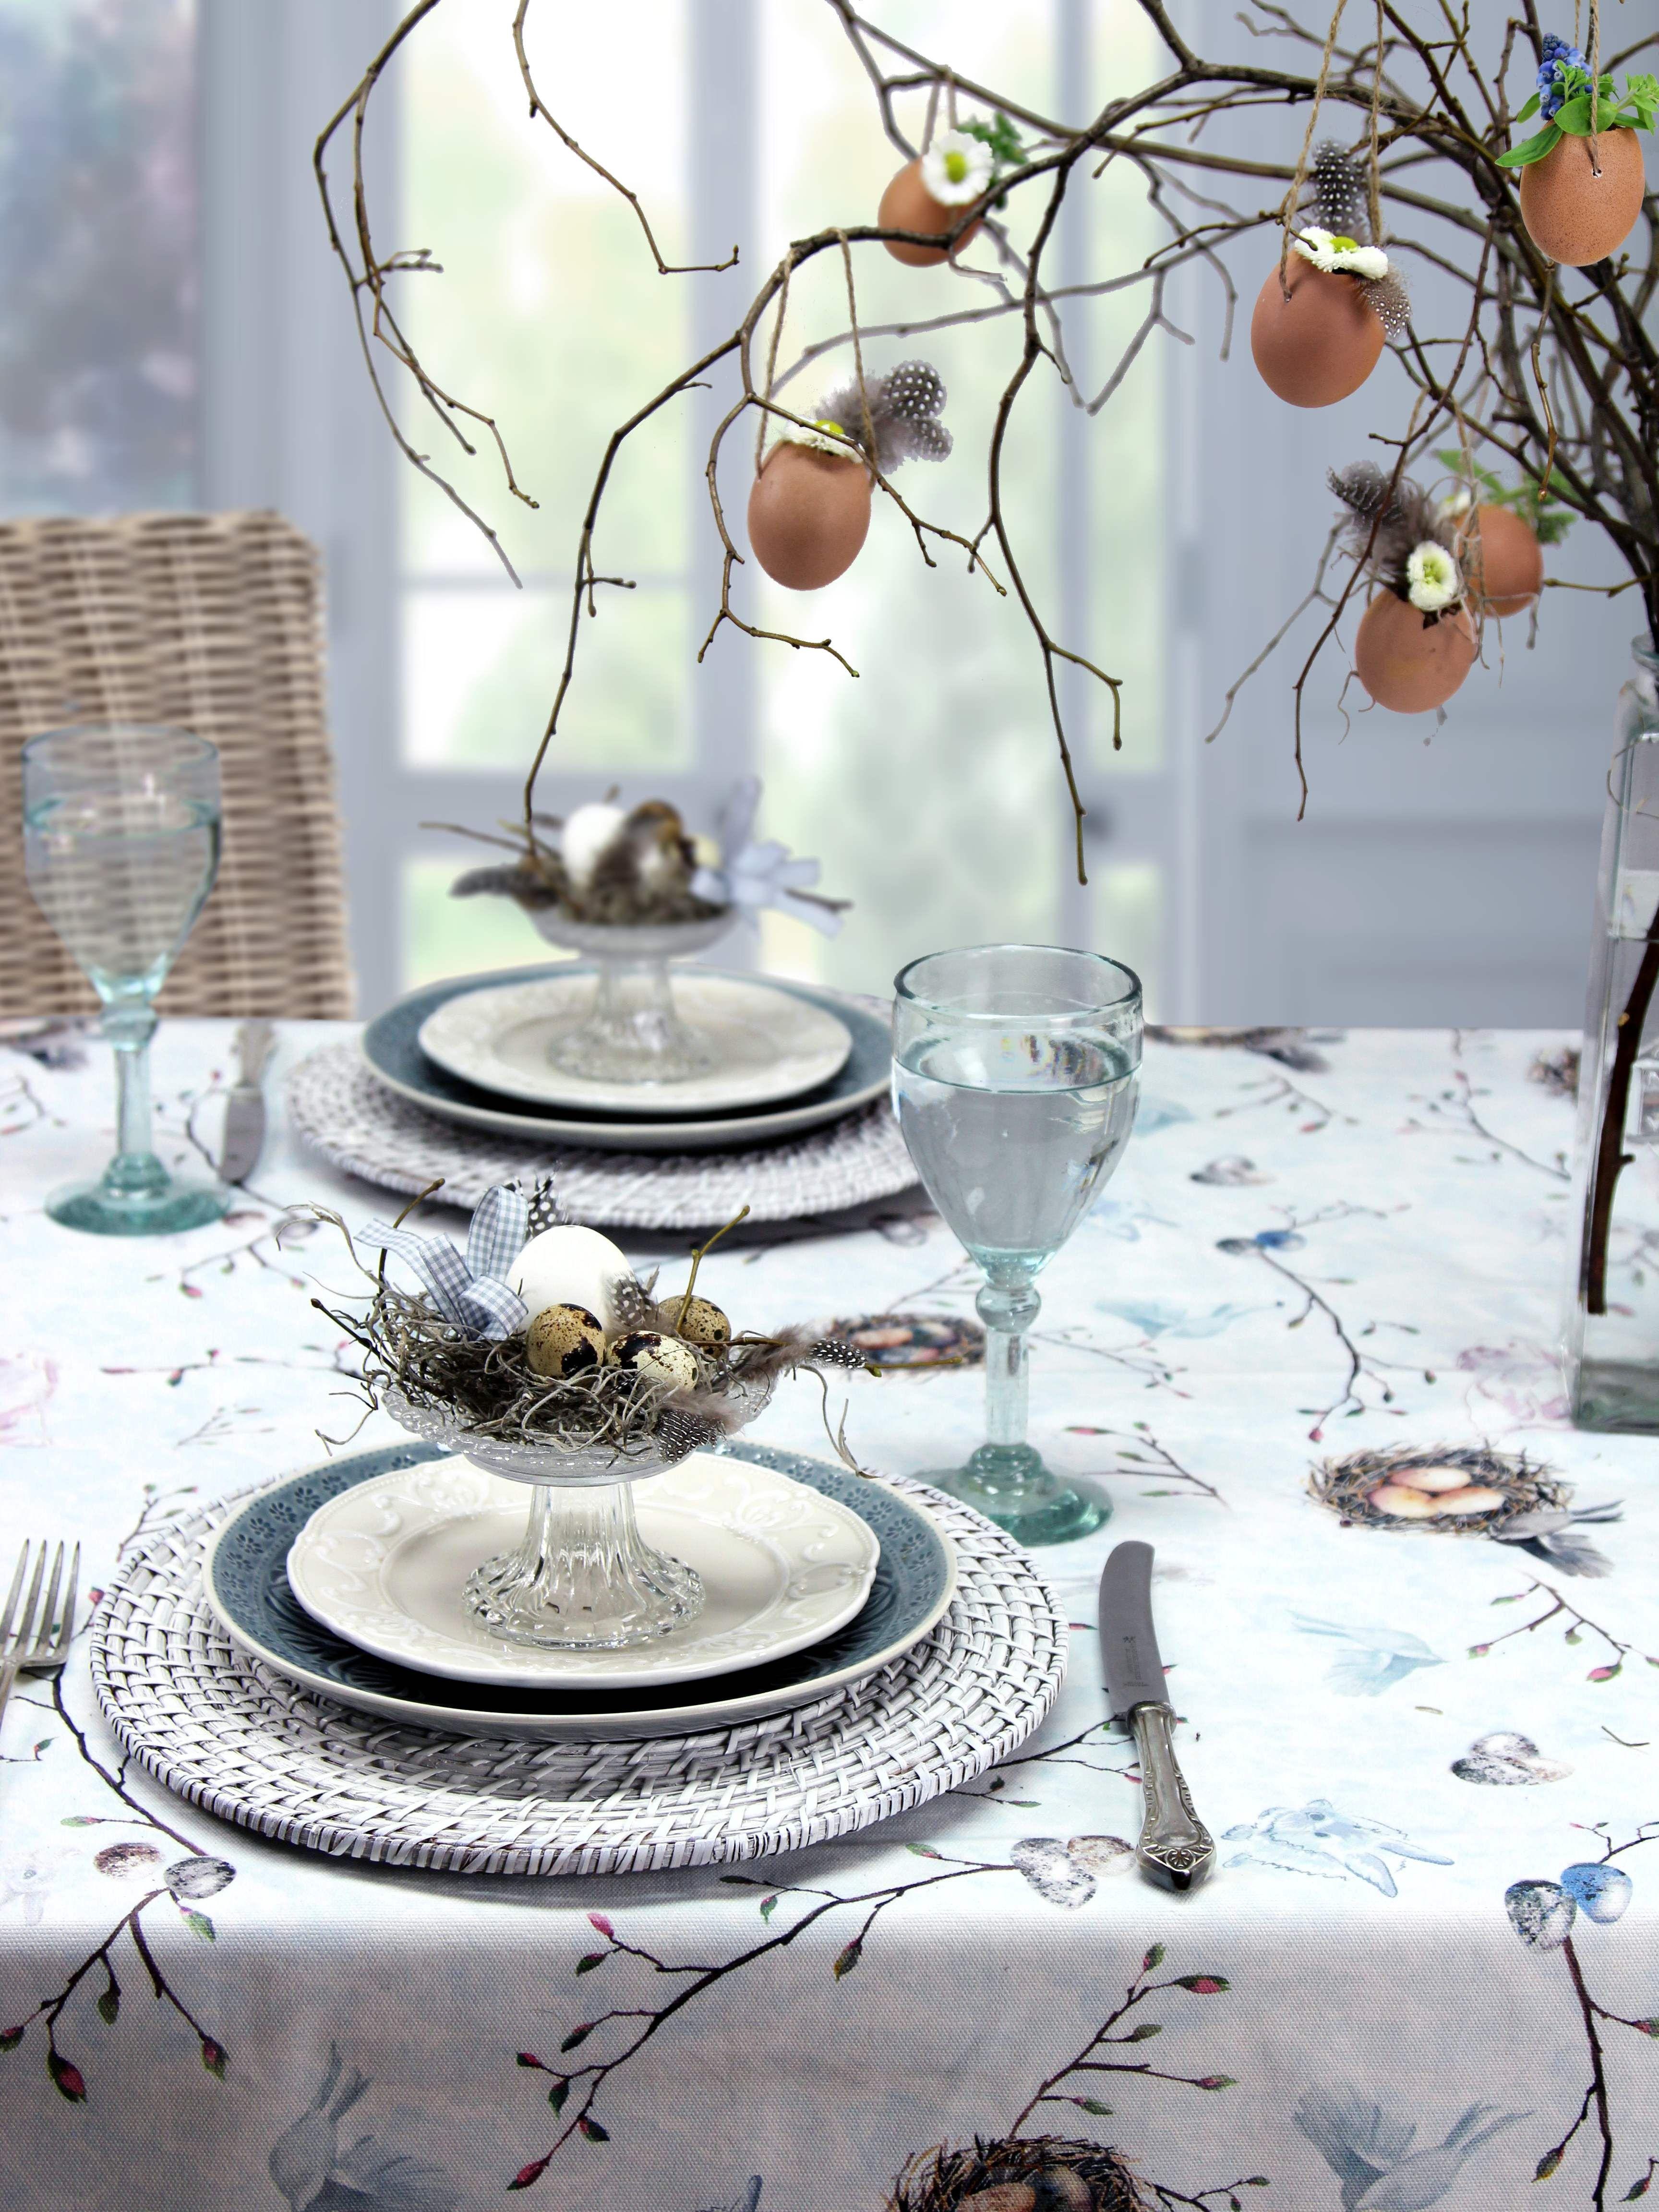 ostertischdecke sweet rabbits auch als tischl ufer kissenh llen und mitteldecke zu bestellen. Black Bedroom Furniture Sets. Home Design Ideas